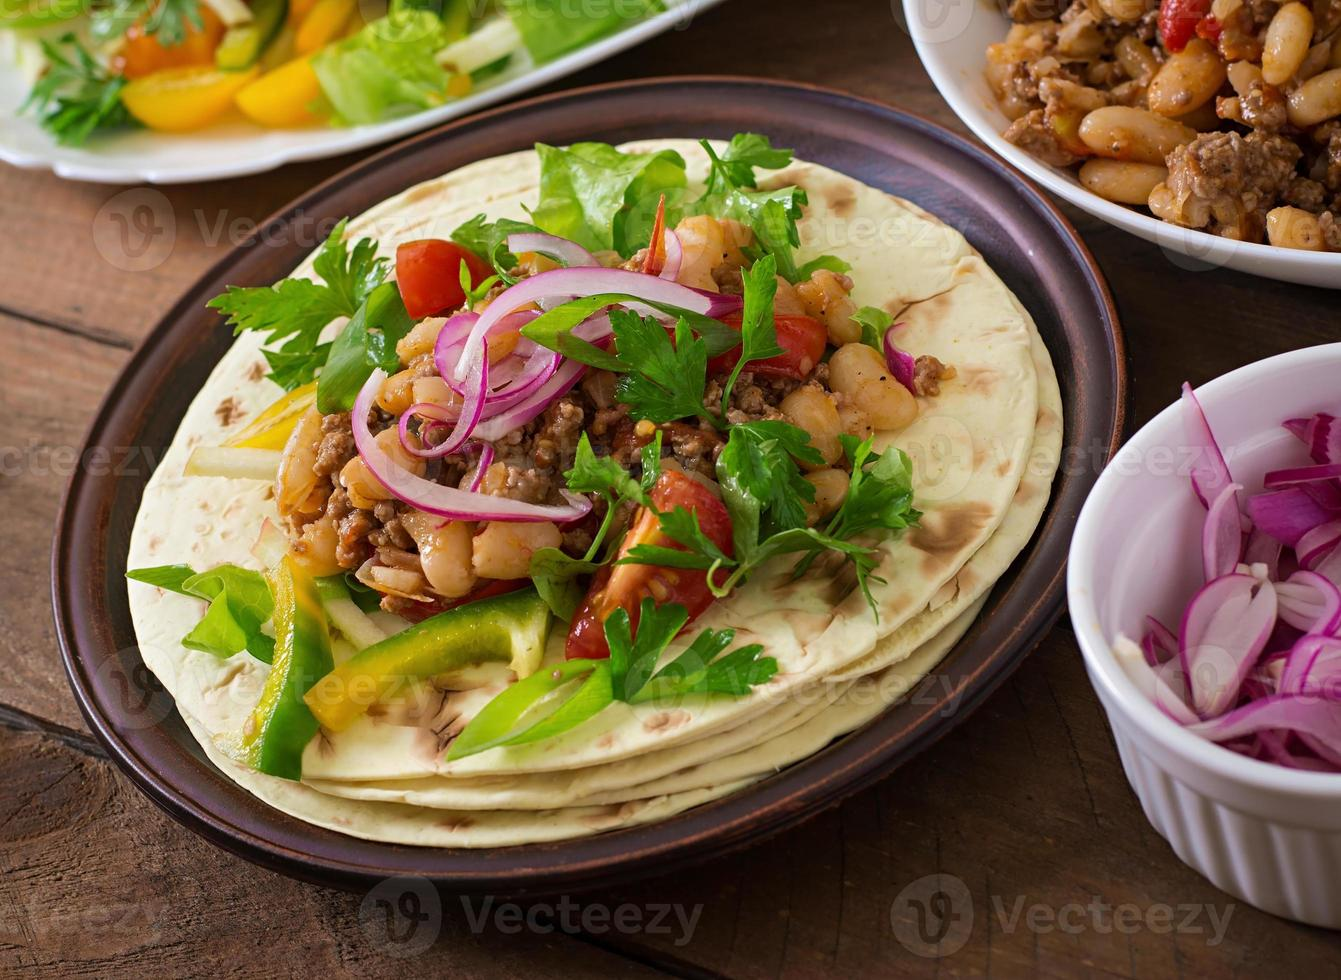 mexikanische Tacos mit Fleisch, Bohnen und Salsa foto